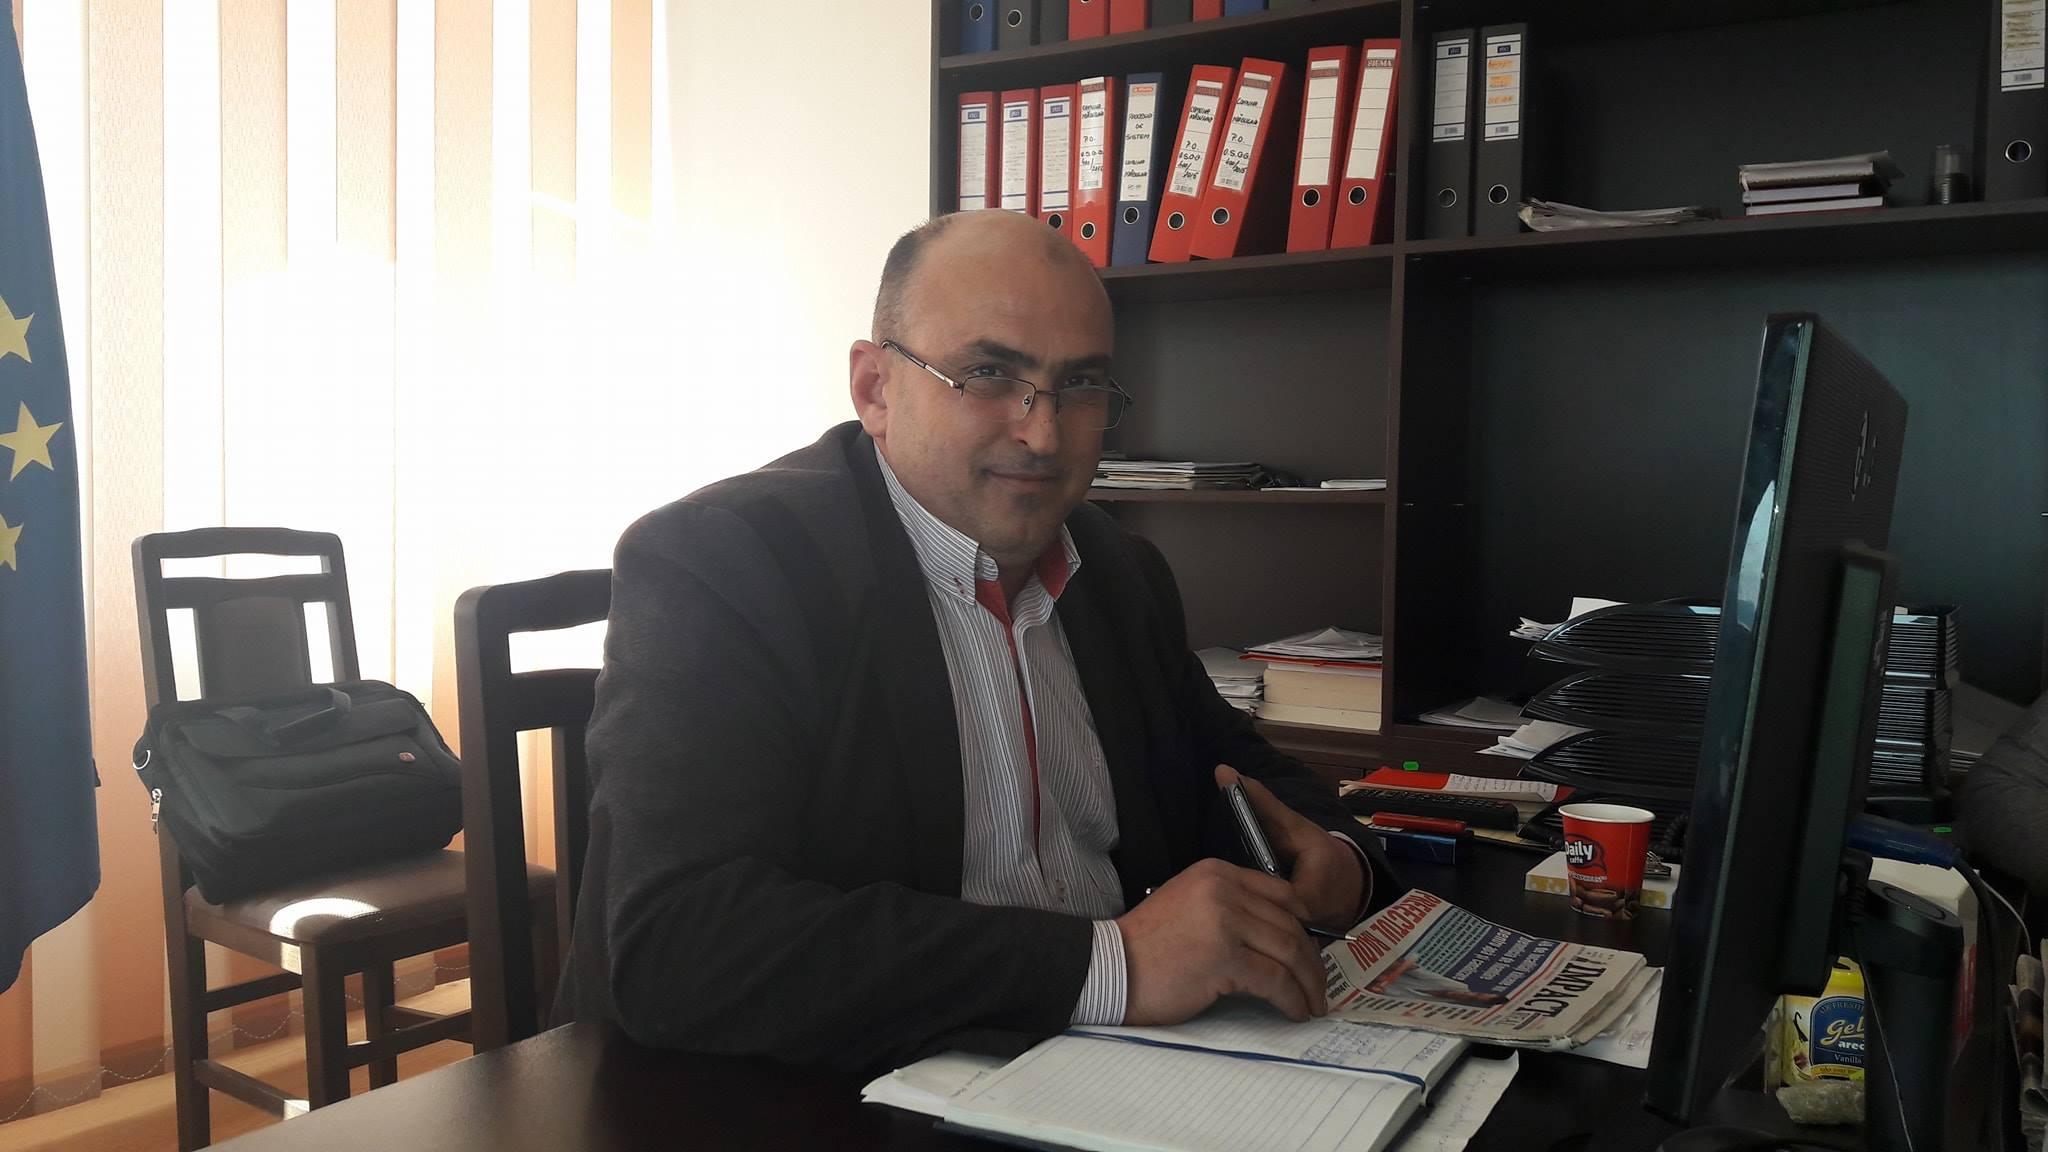 """Daniel Dimulescu: """"Trebuie să avem încredere în acest Guvern până la final"""""""